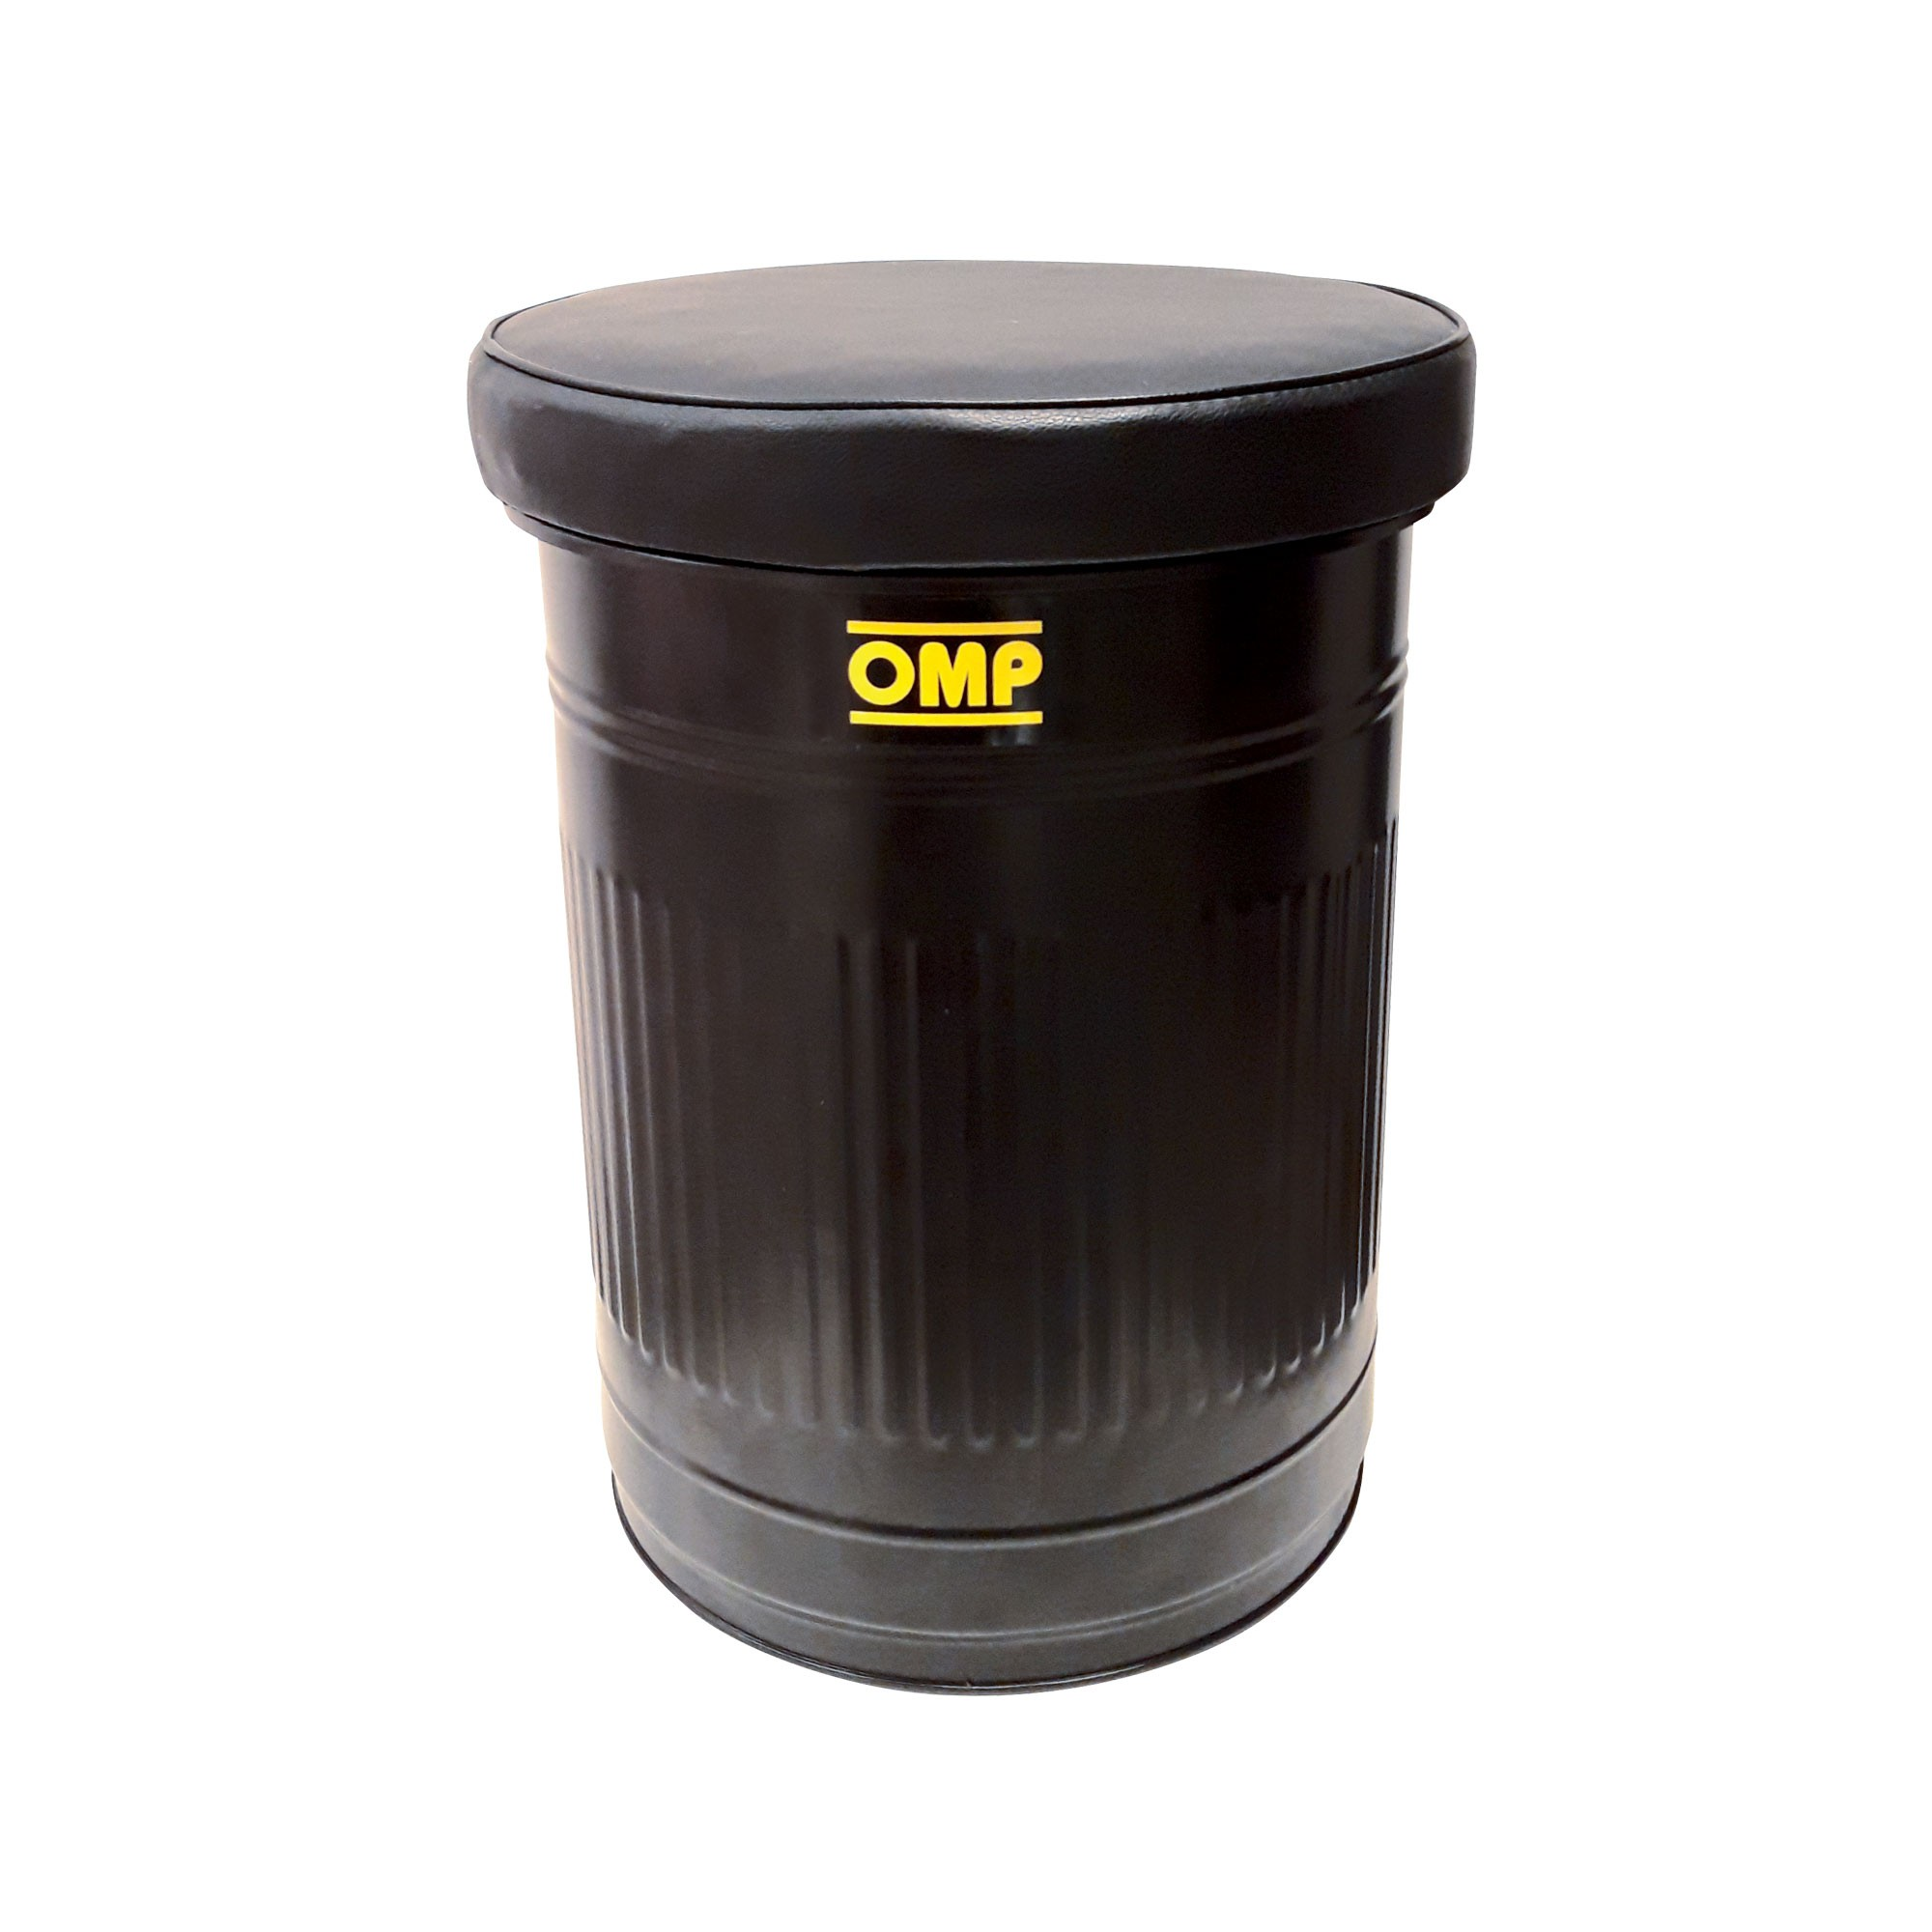 OMP Barrel